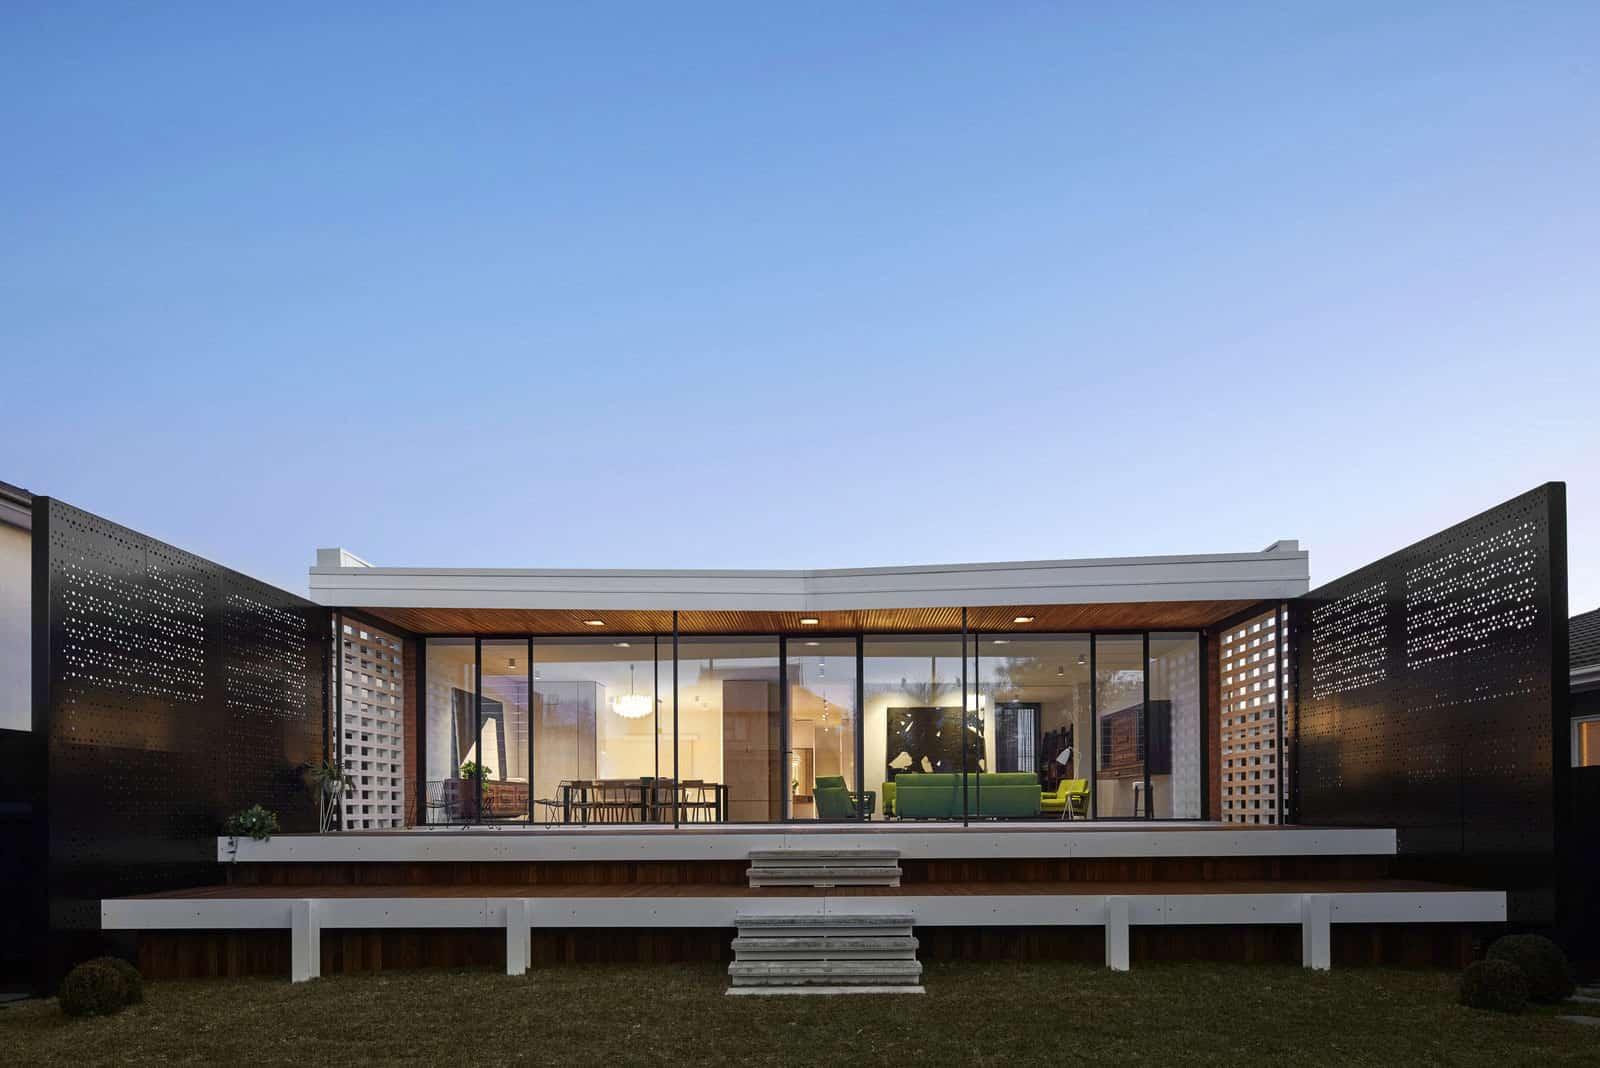 Branch Studio Architects Design a Home in Victoria, Australia